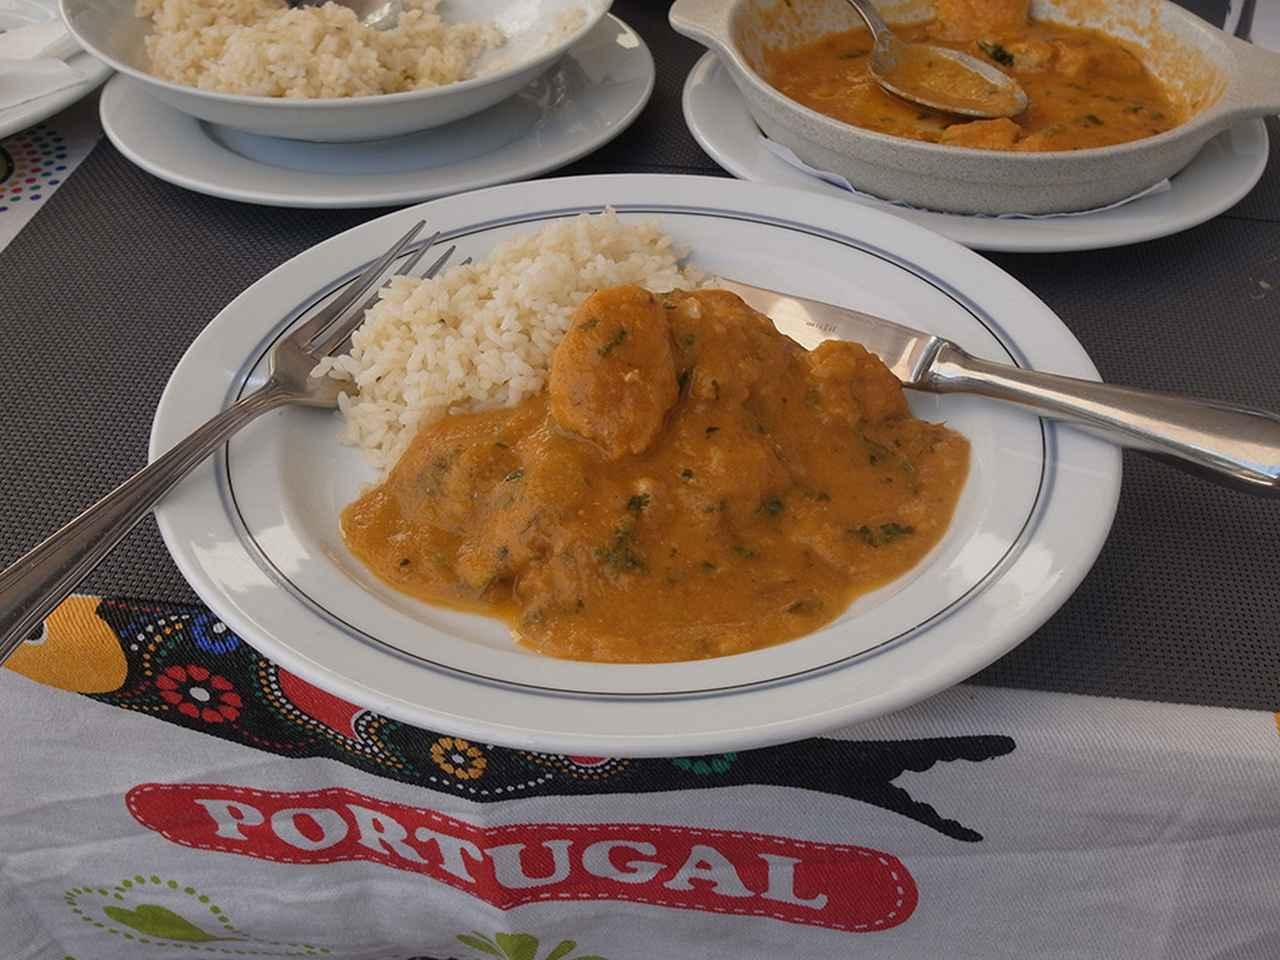 画像1: ポルトガルで食べた「Caril」